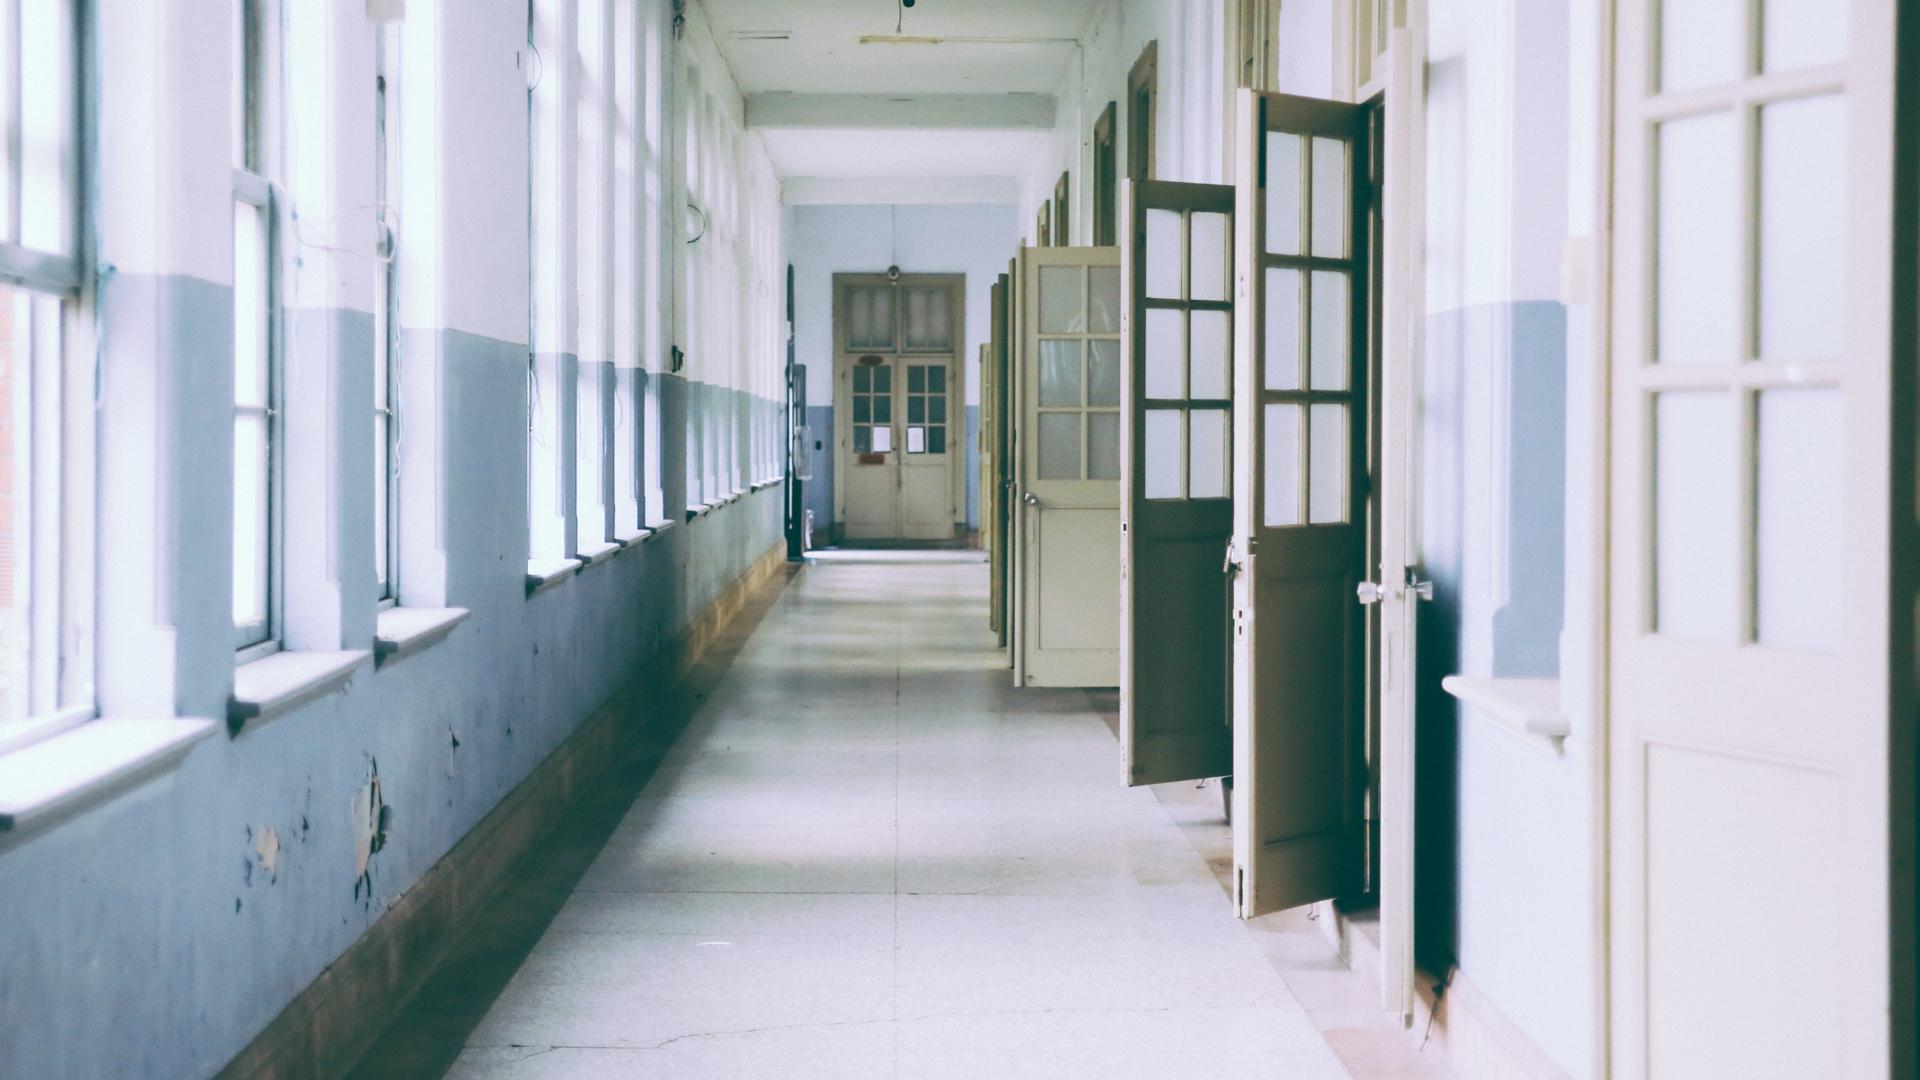 Coronavirus e bambini: ha senso chiudere le scuole?